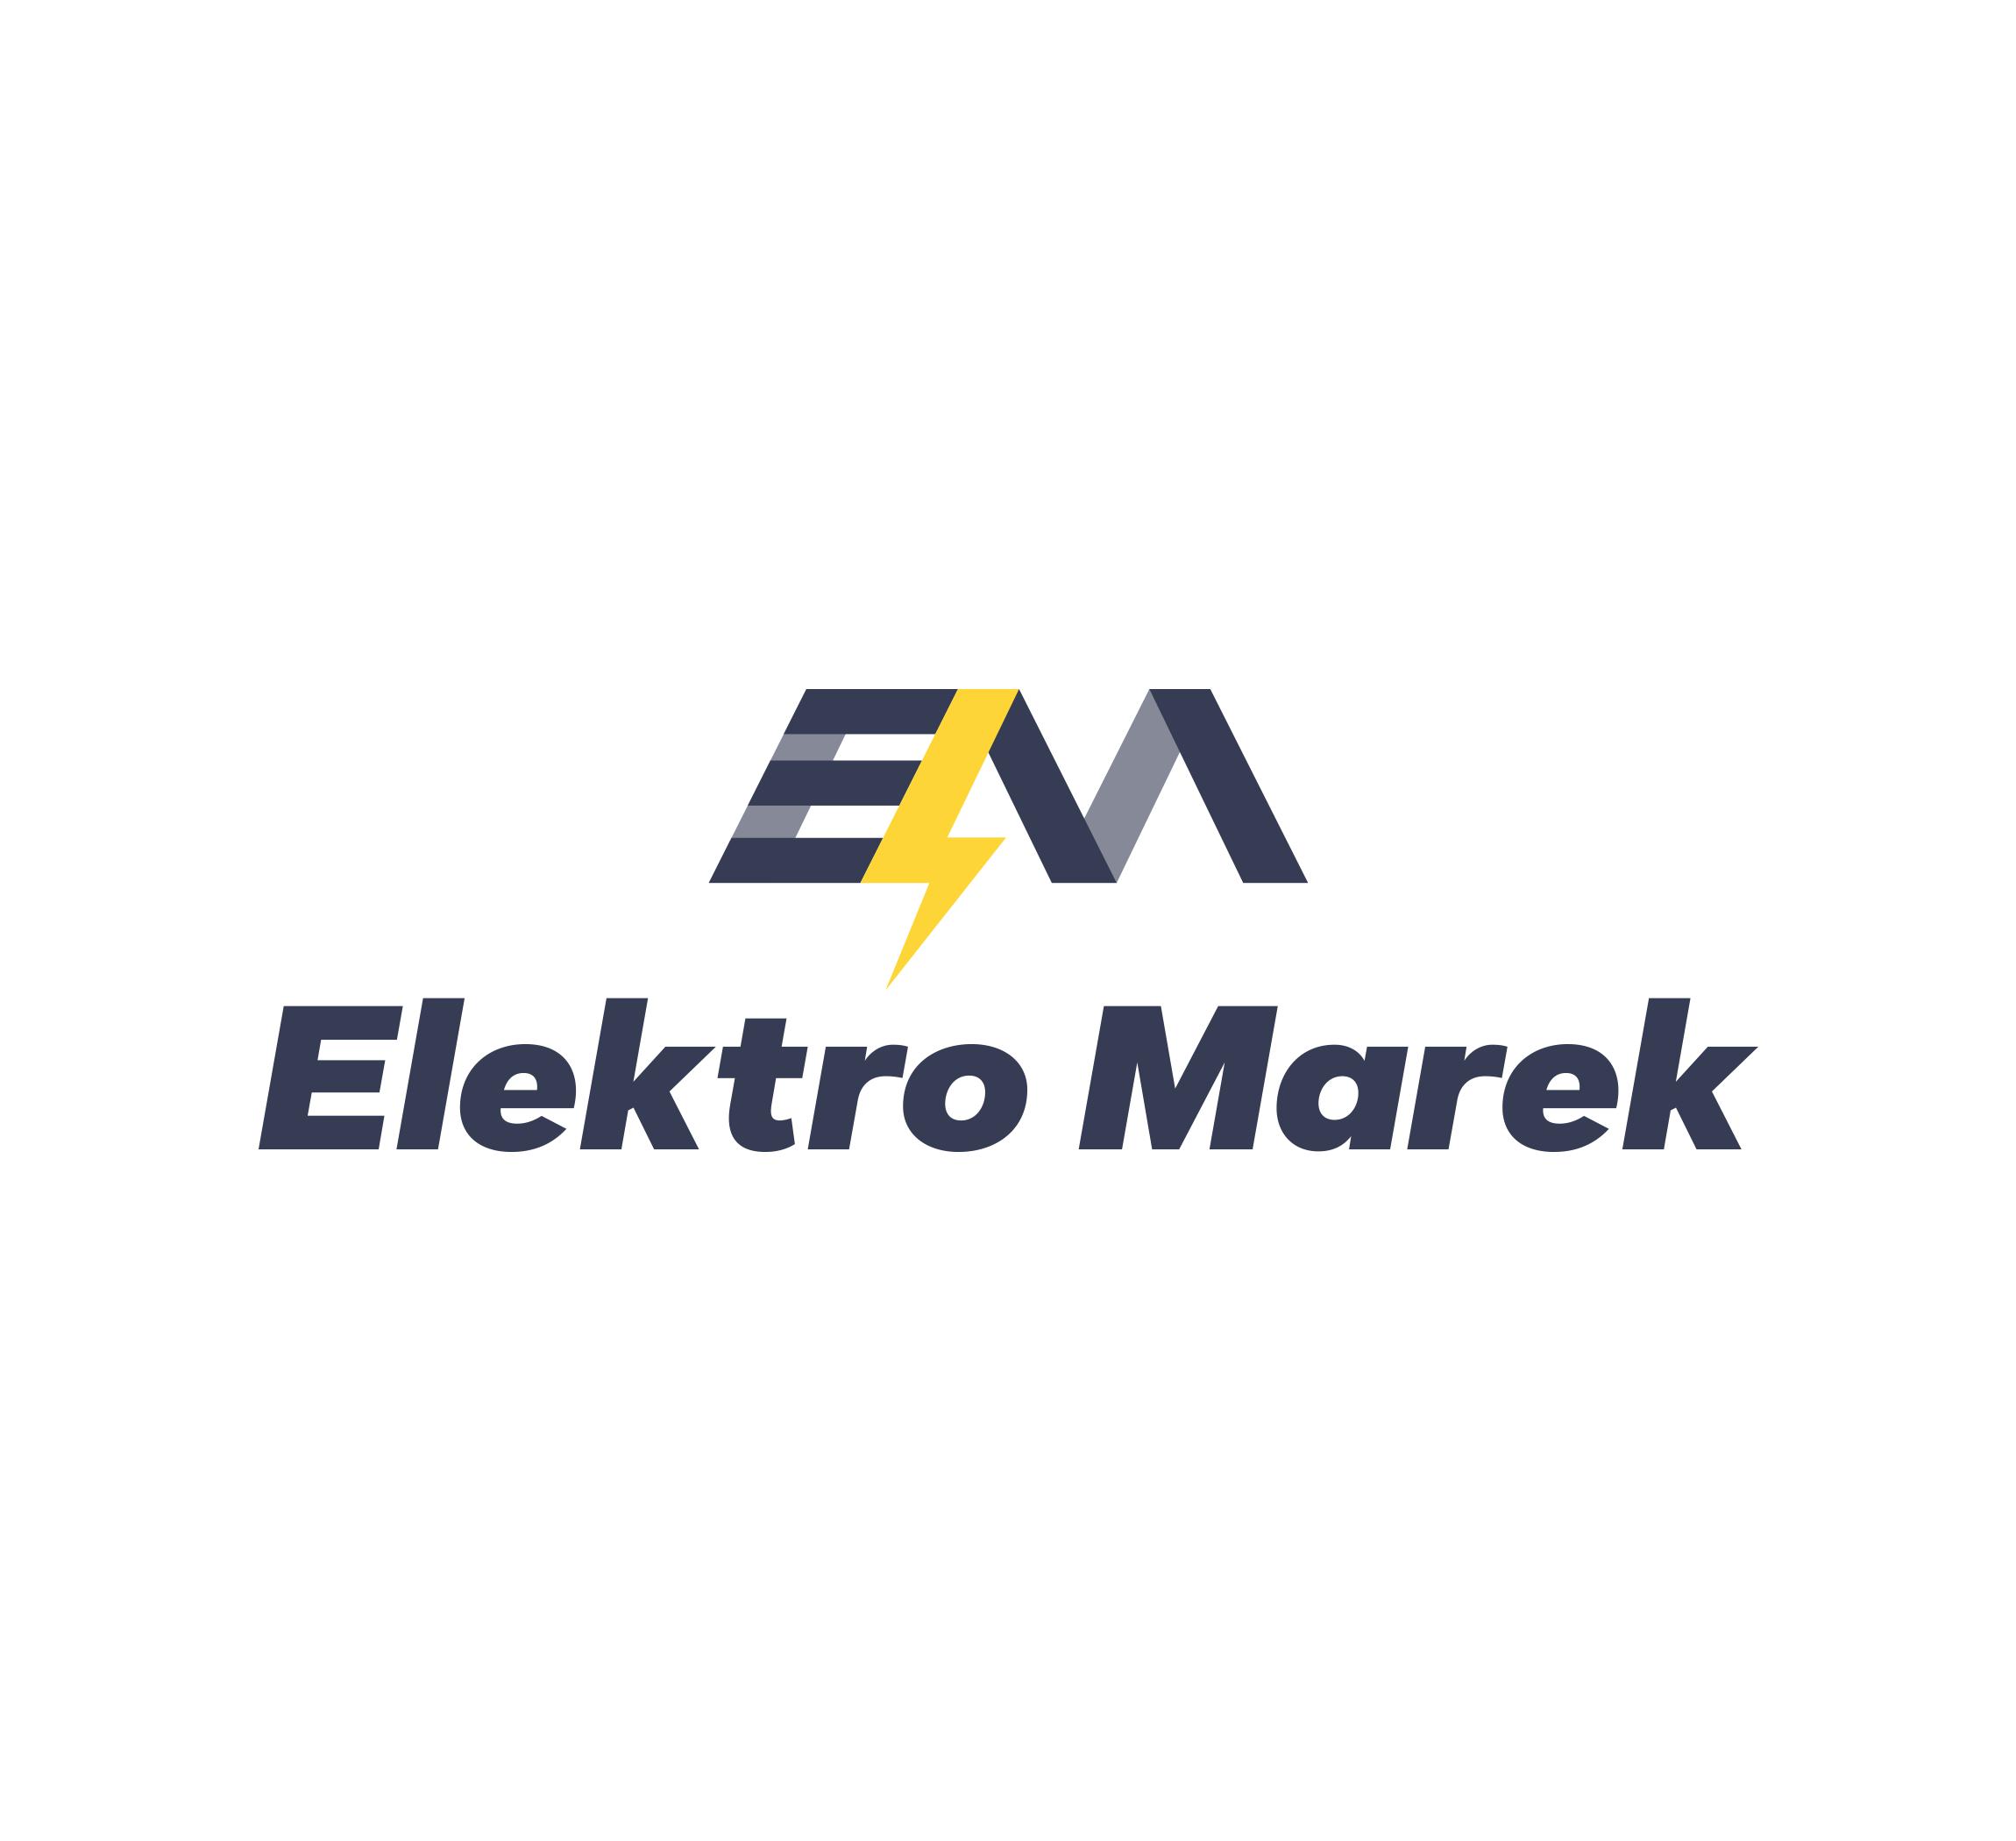 Elektro Marek, kompleksowe instalacje elektryczne — indetyfikacja wizualna